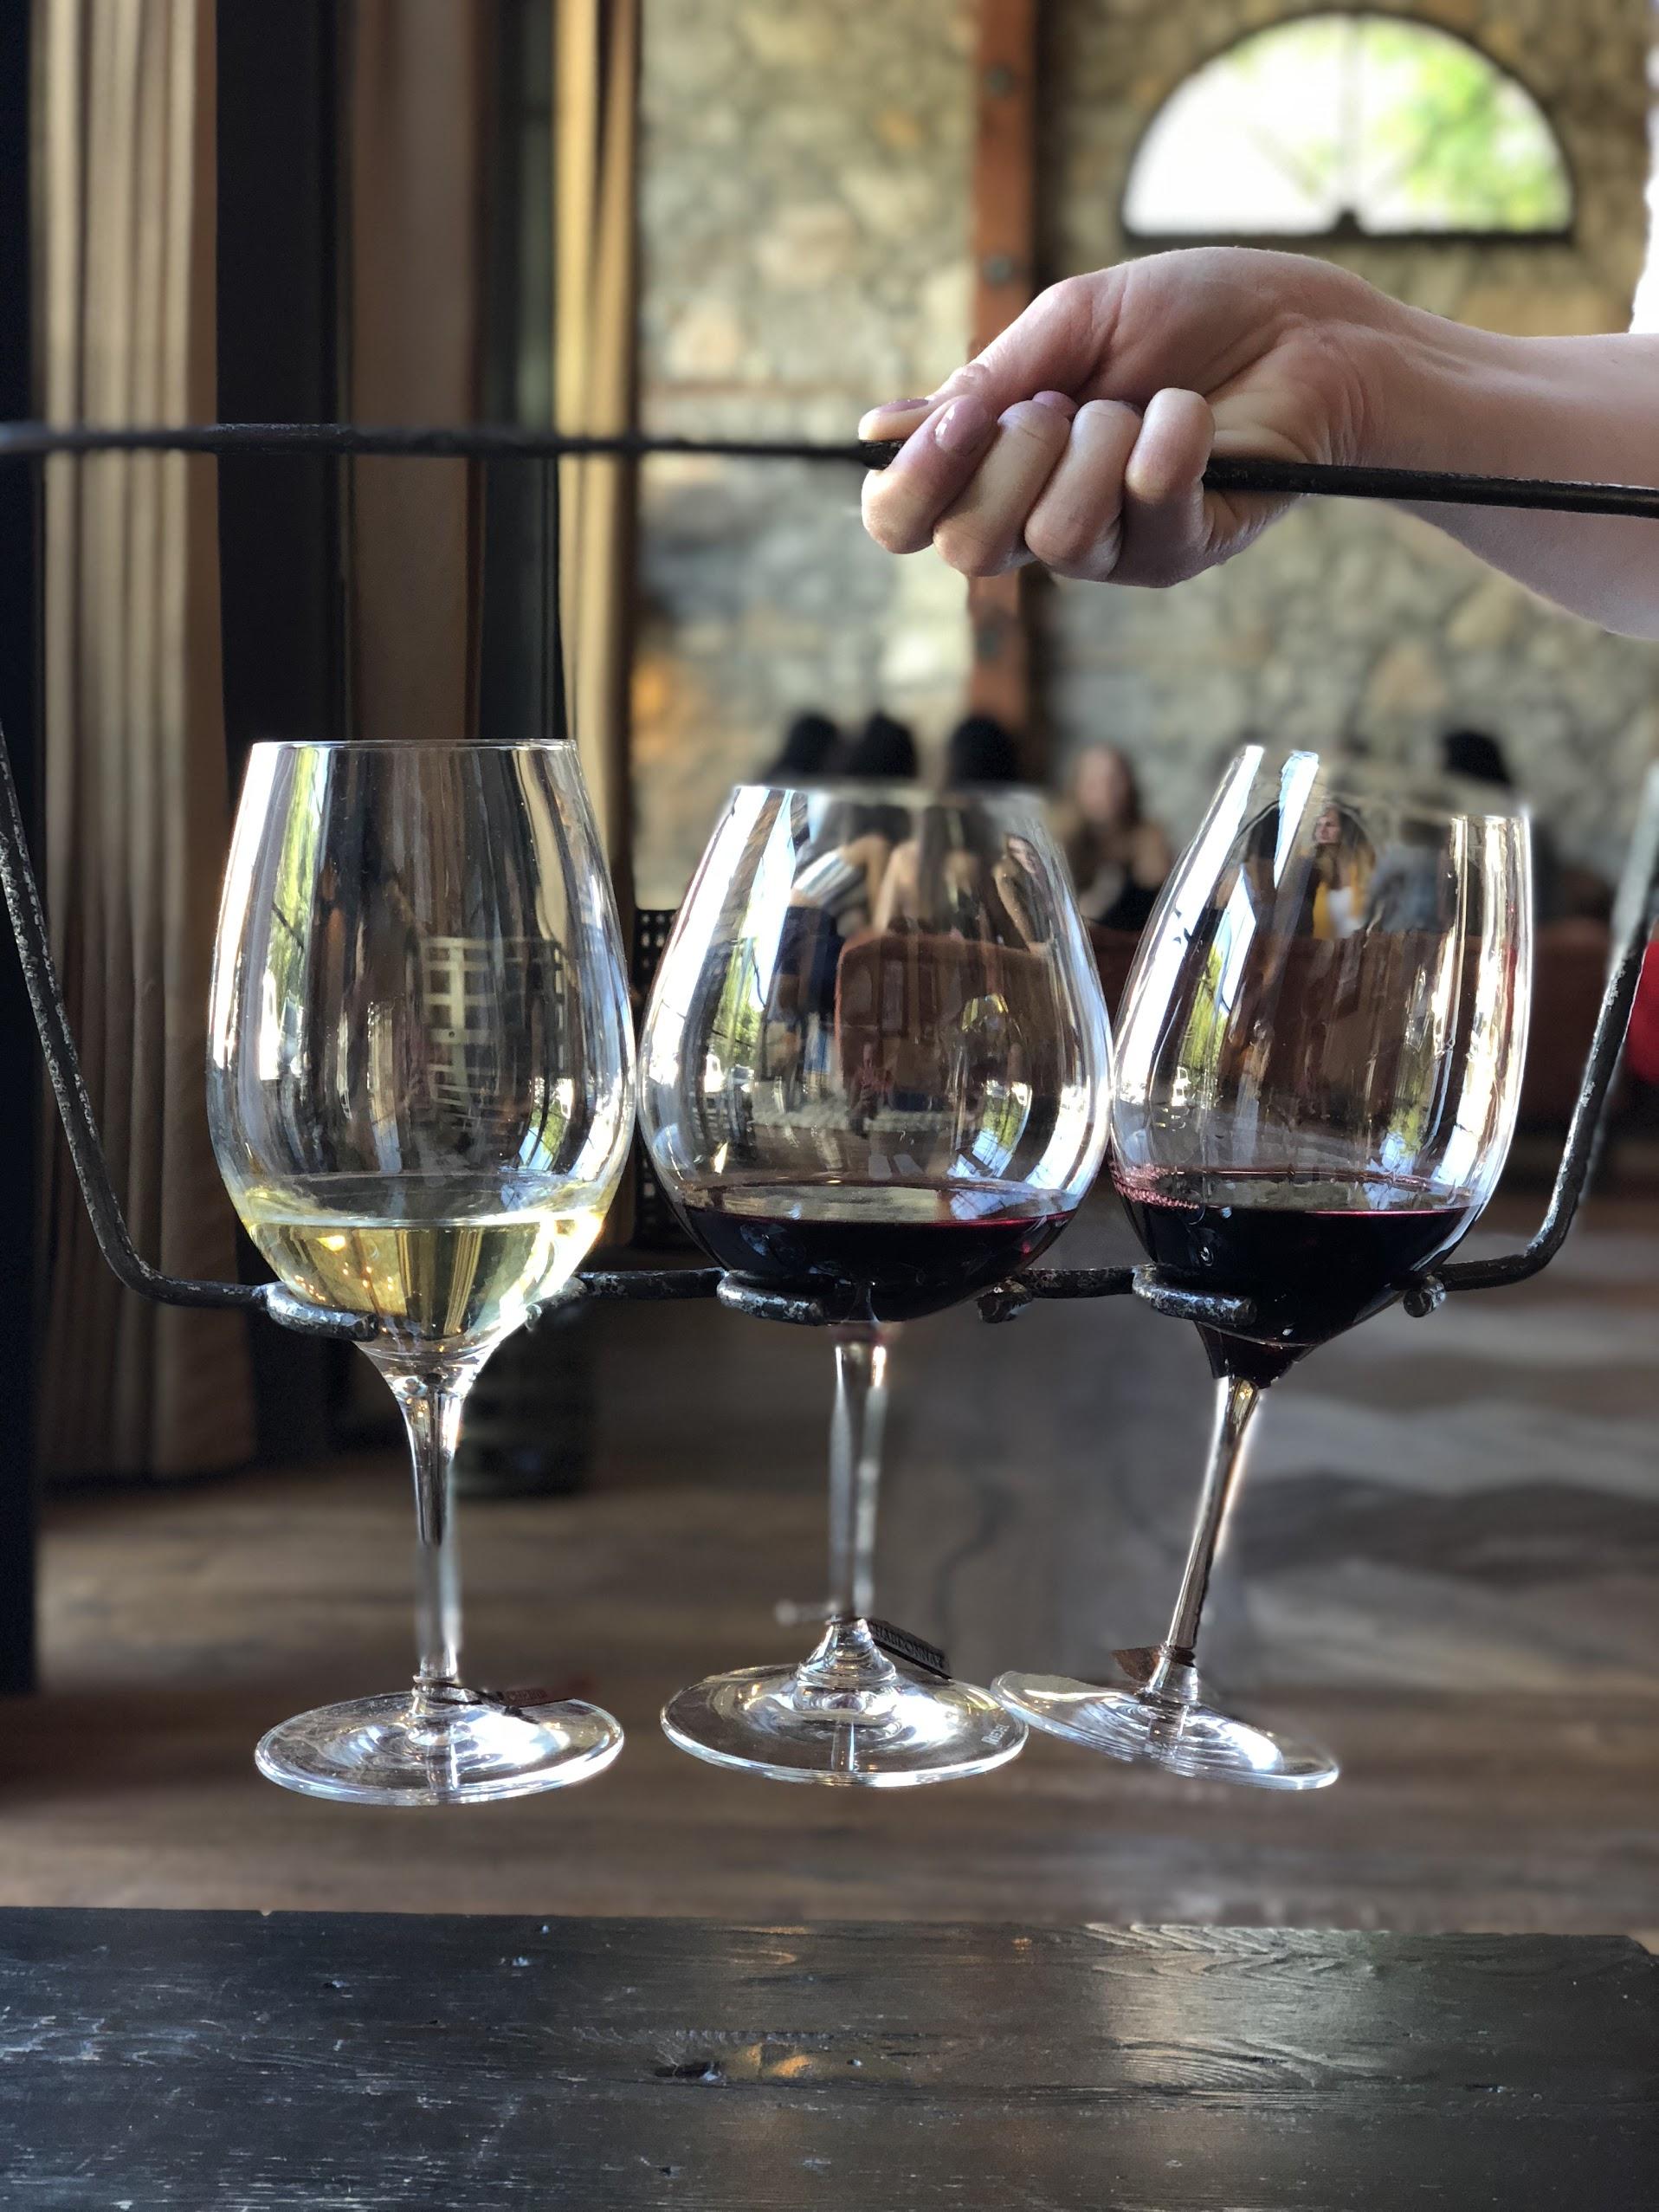 Wine Tasting Flight At Pangloss